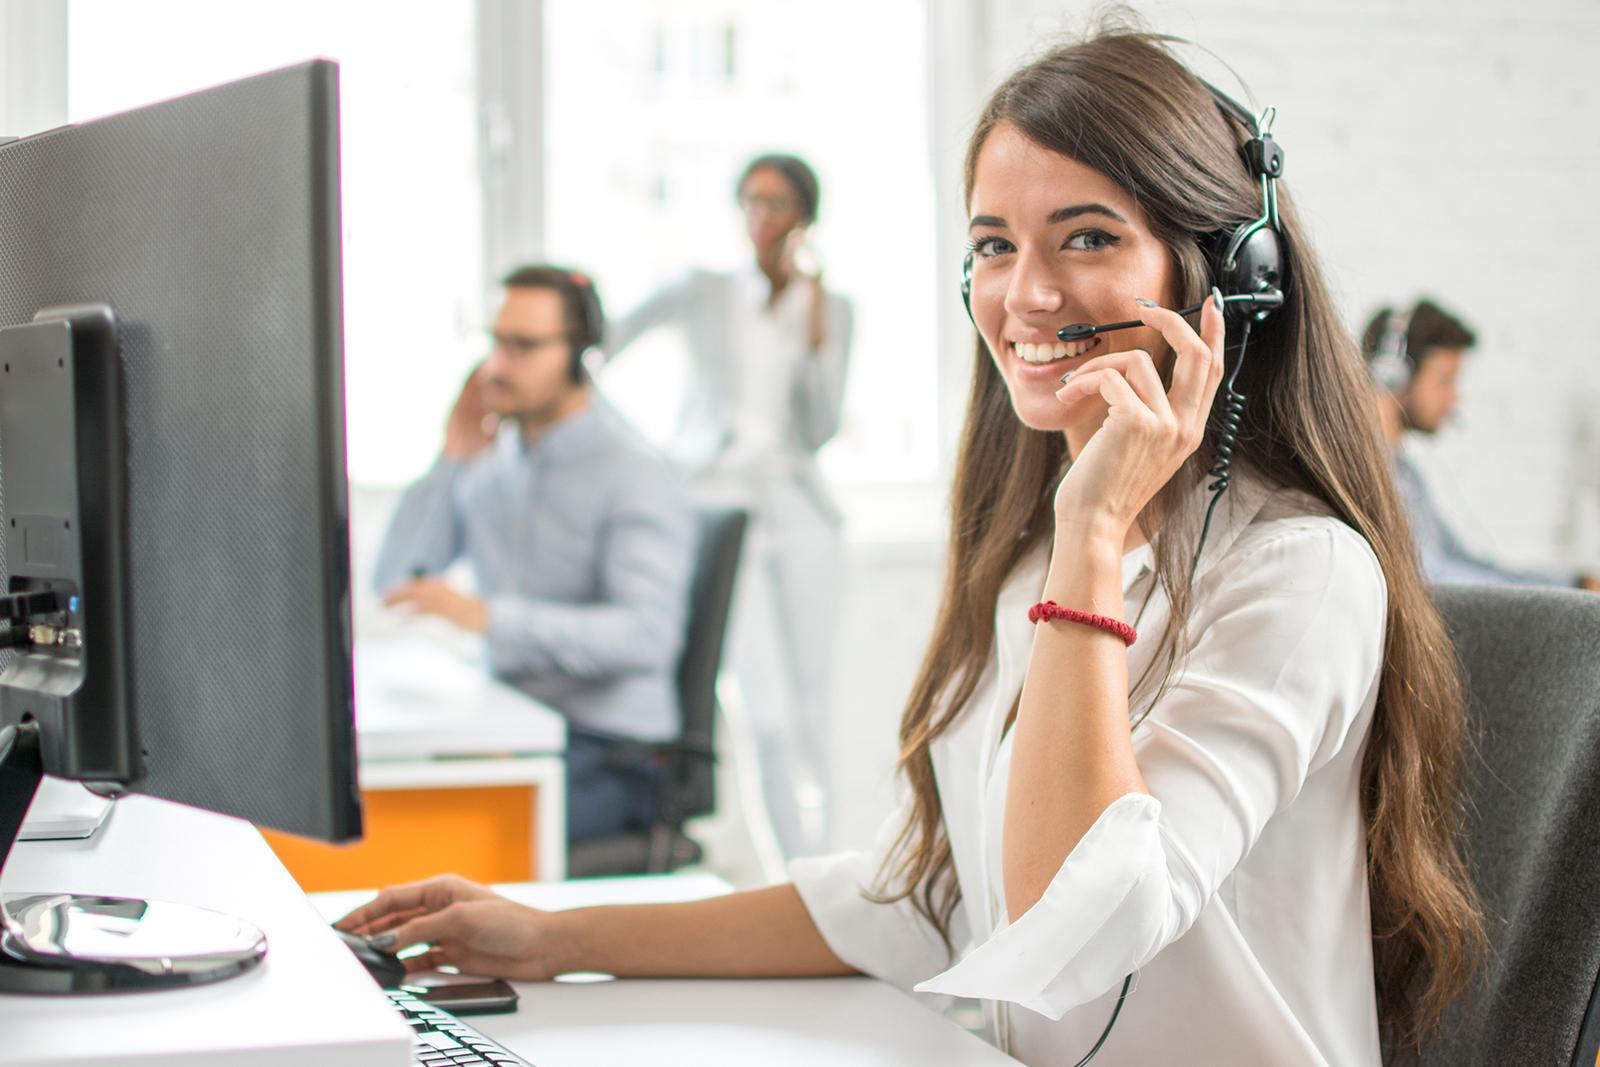 Junge Callcenter-Mitarbeiterin bei der Arbeit